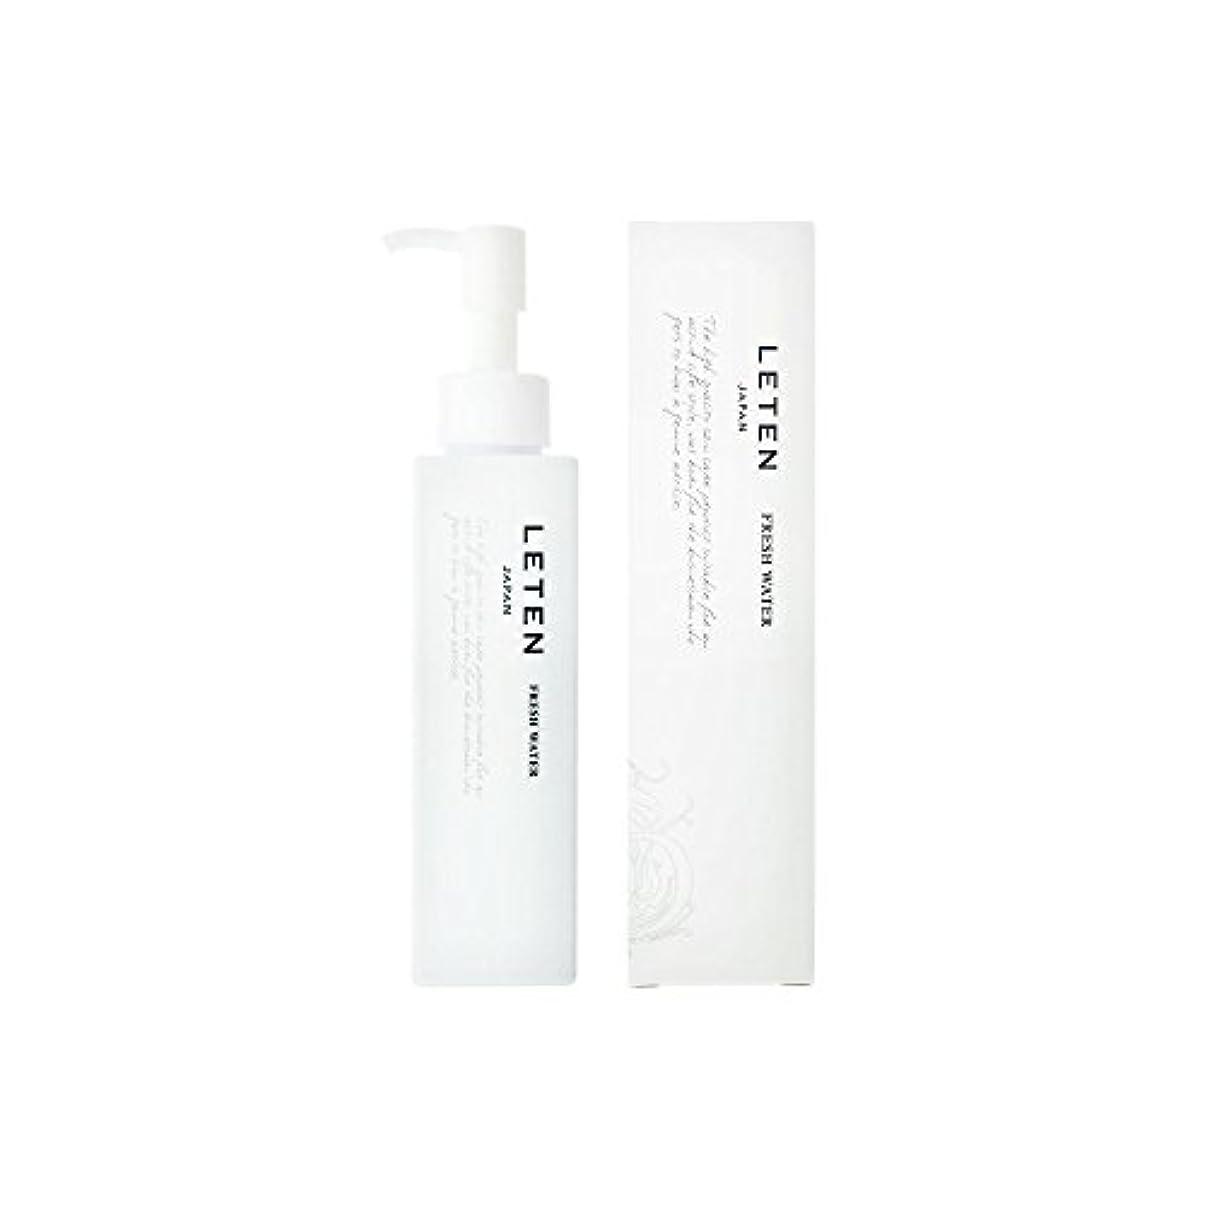 乱用塗抹セージレテン (LETEN) フレッシュウォーター 150ml 化粧水 敏感肌